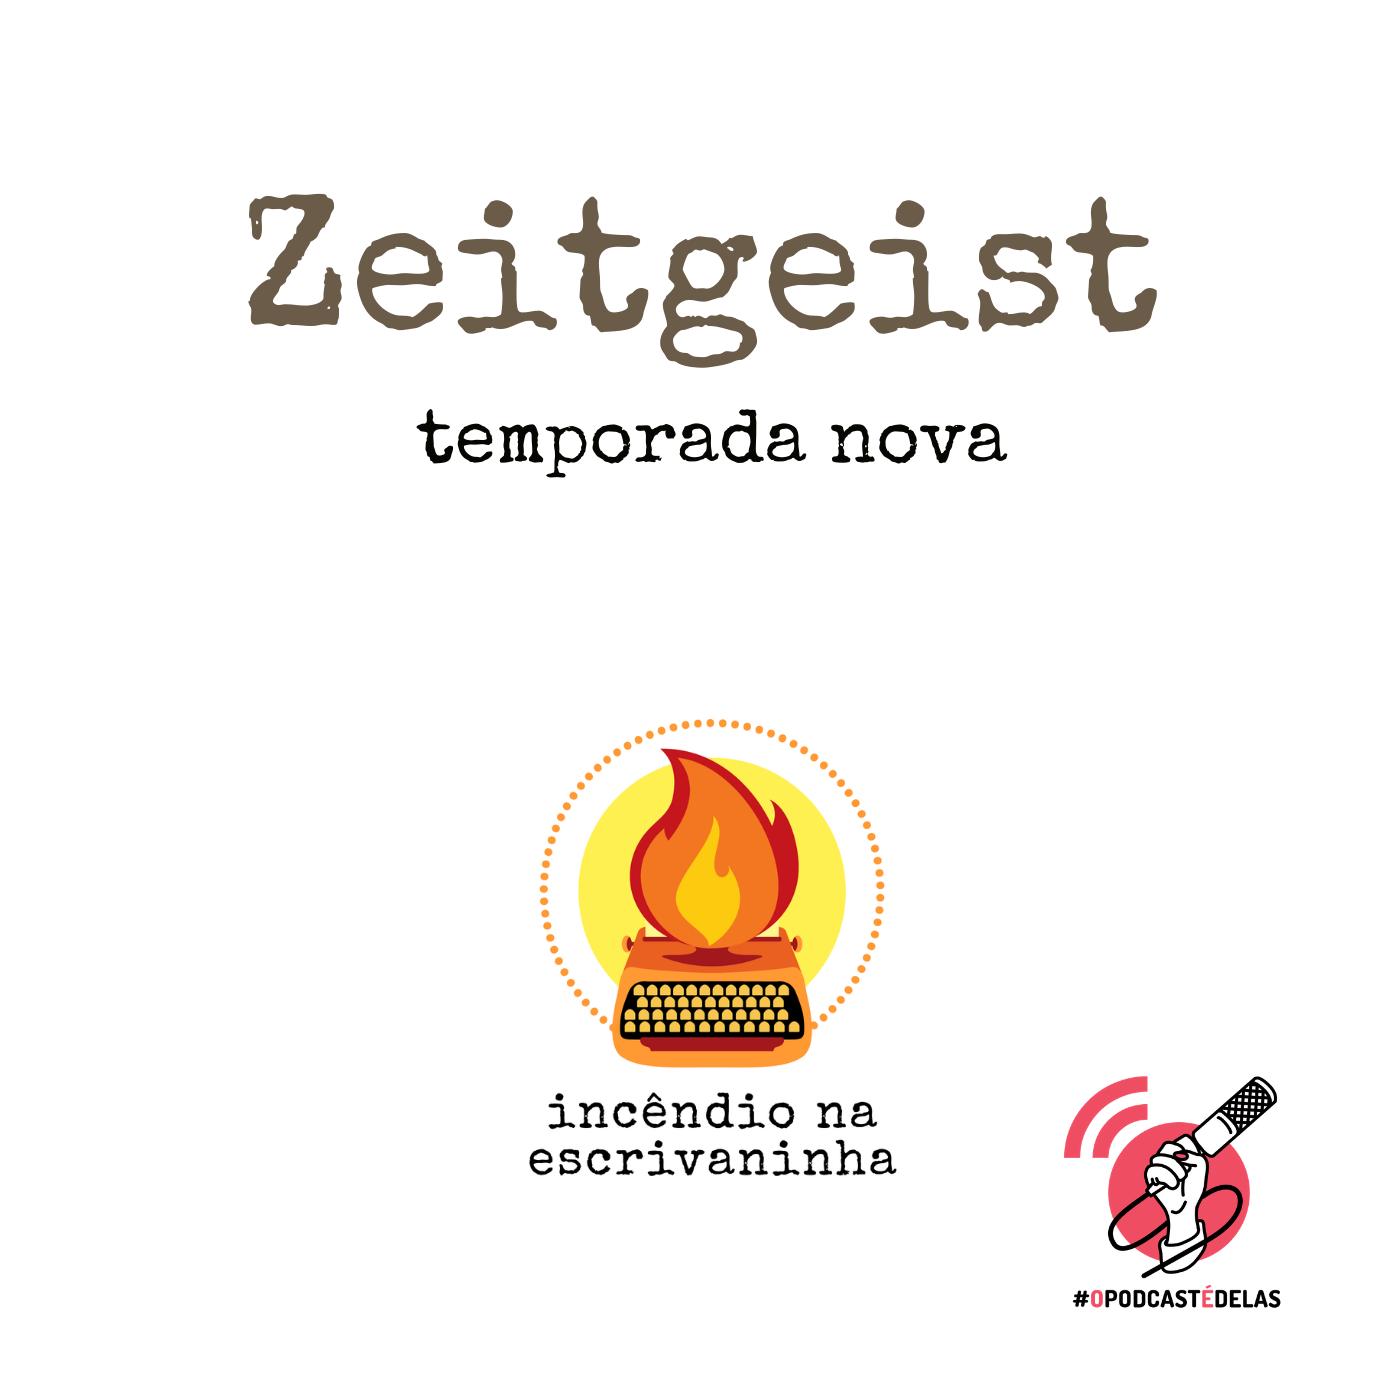 Nova temporada: Zeitgeist!